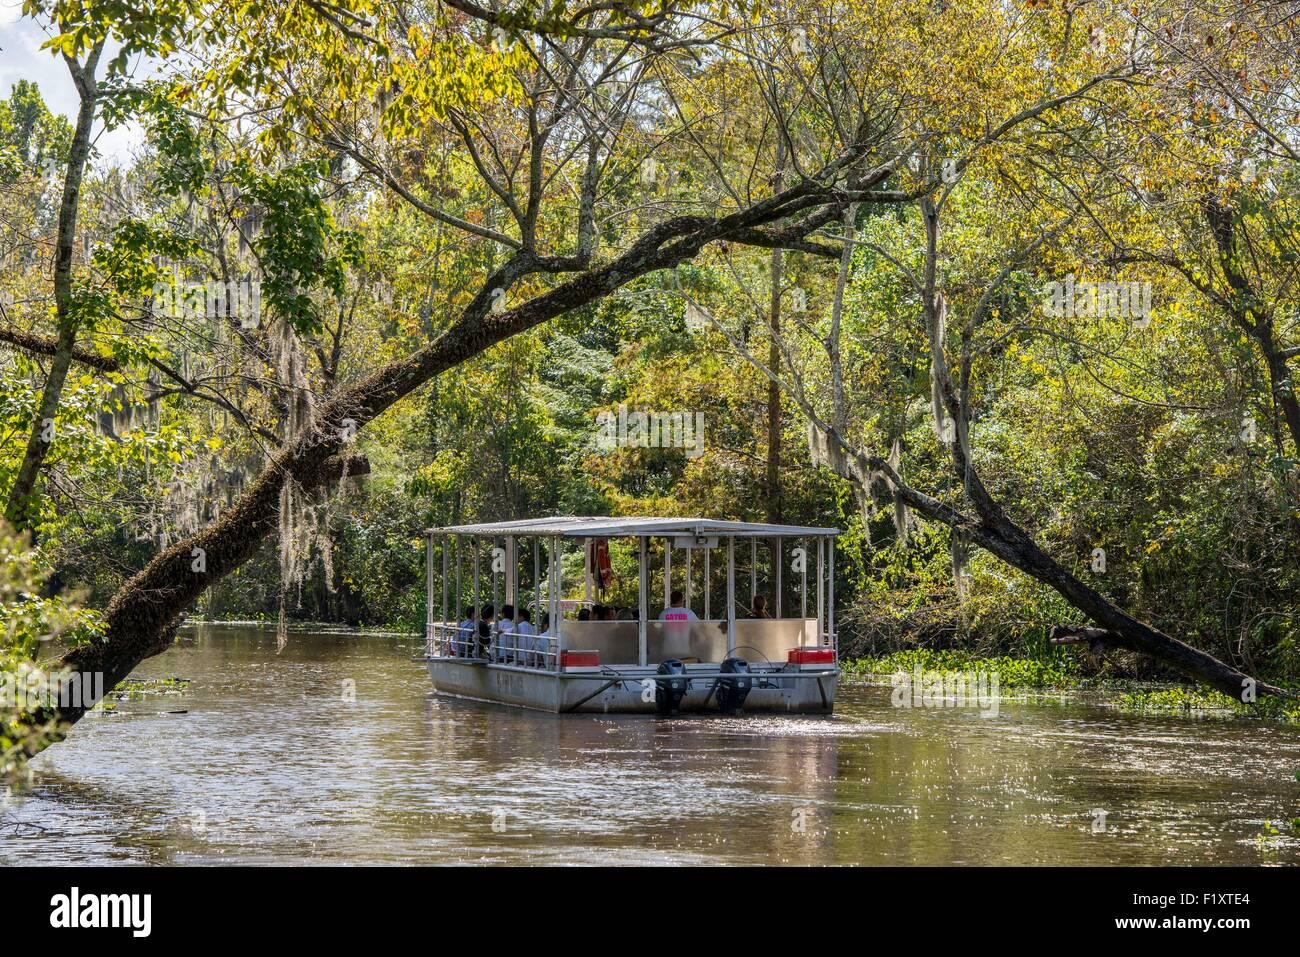 Stati Uniti, Louisiana, La Place, fondo piatto in barca per visitare il Bayou della palude Manchac Immagini Stock